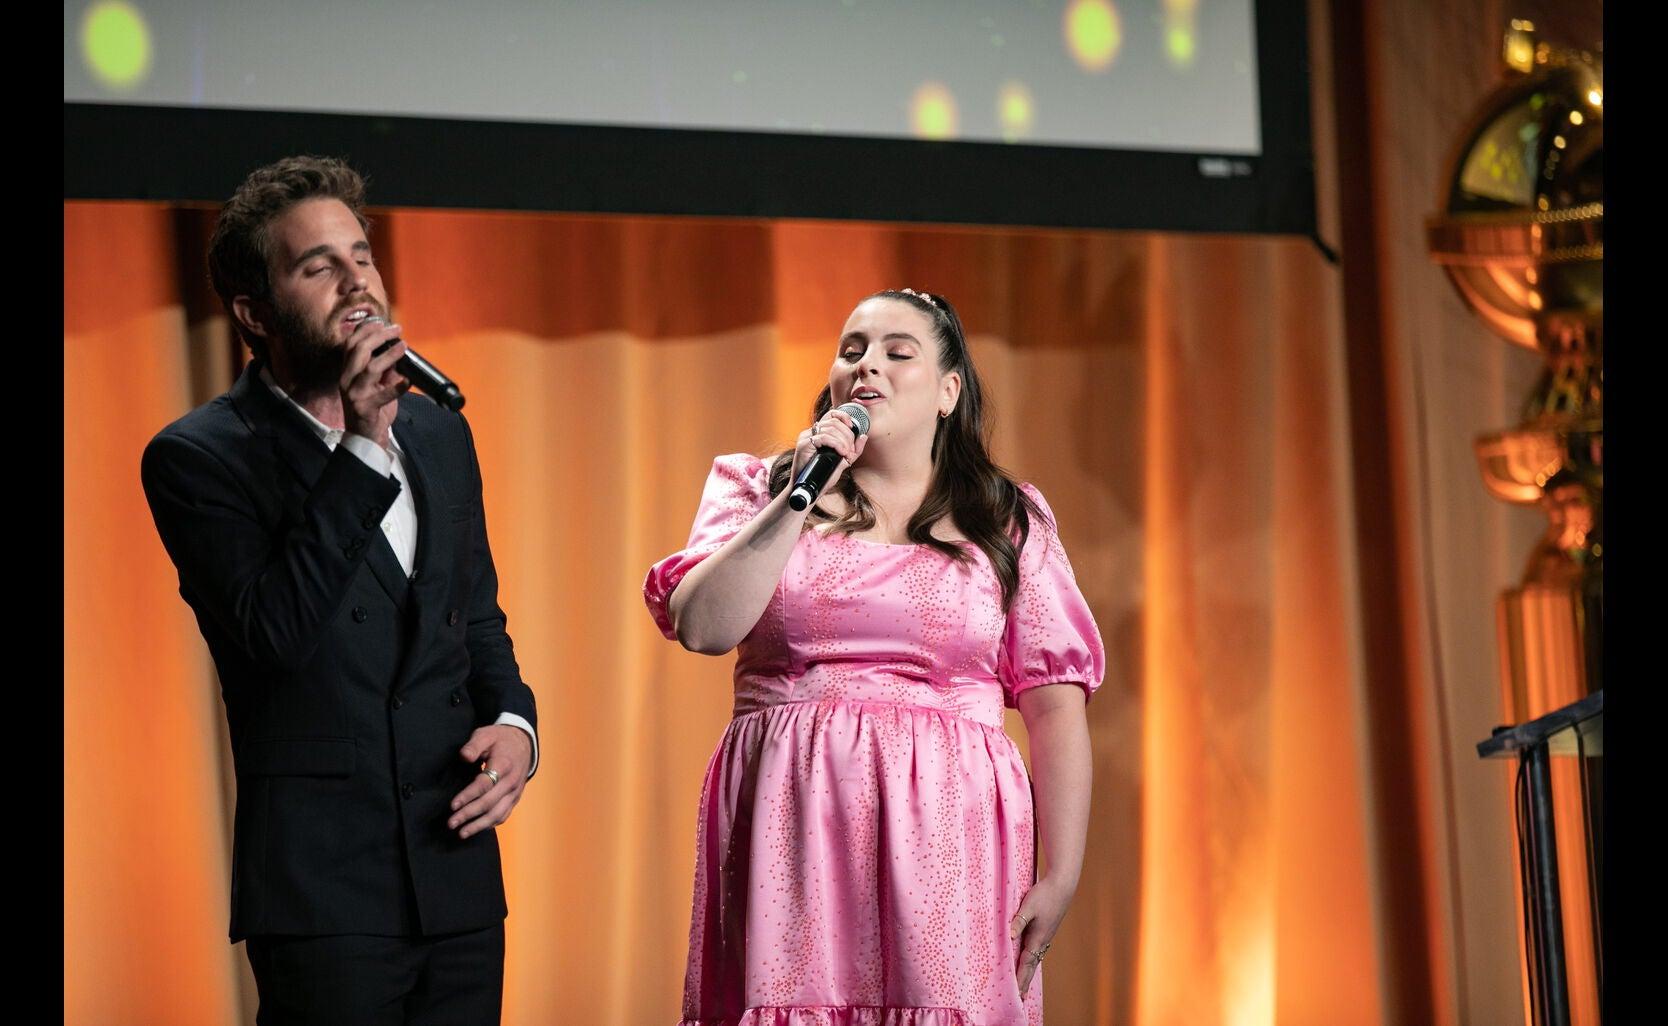 Actors Beanie Feldstein and Ben Platt